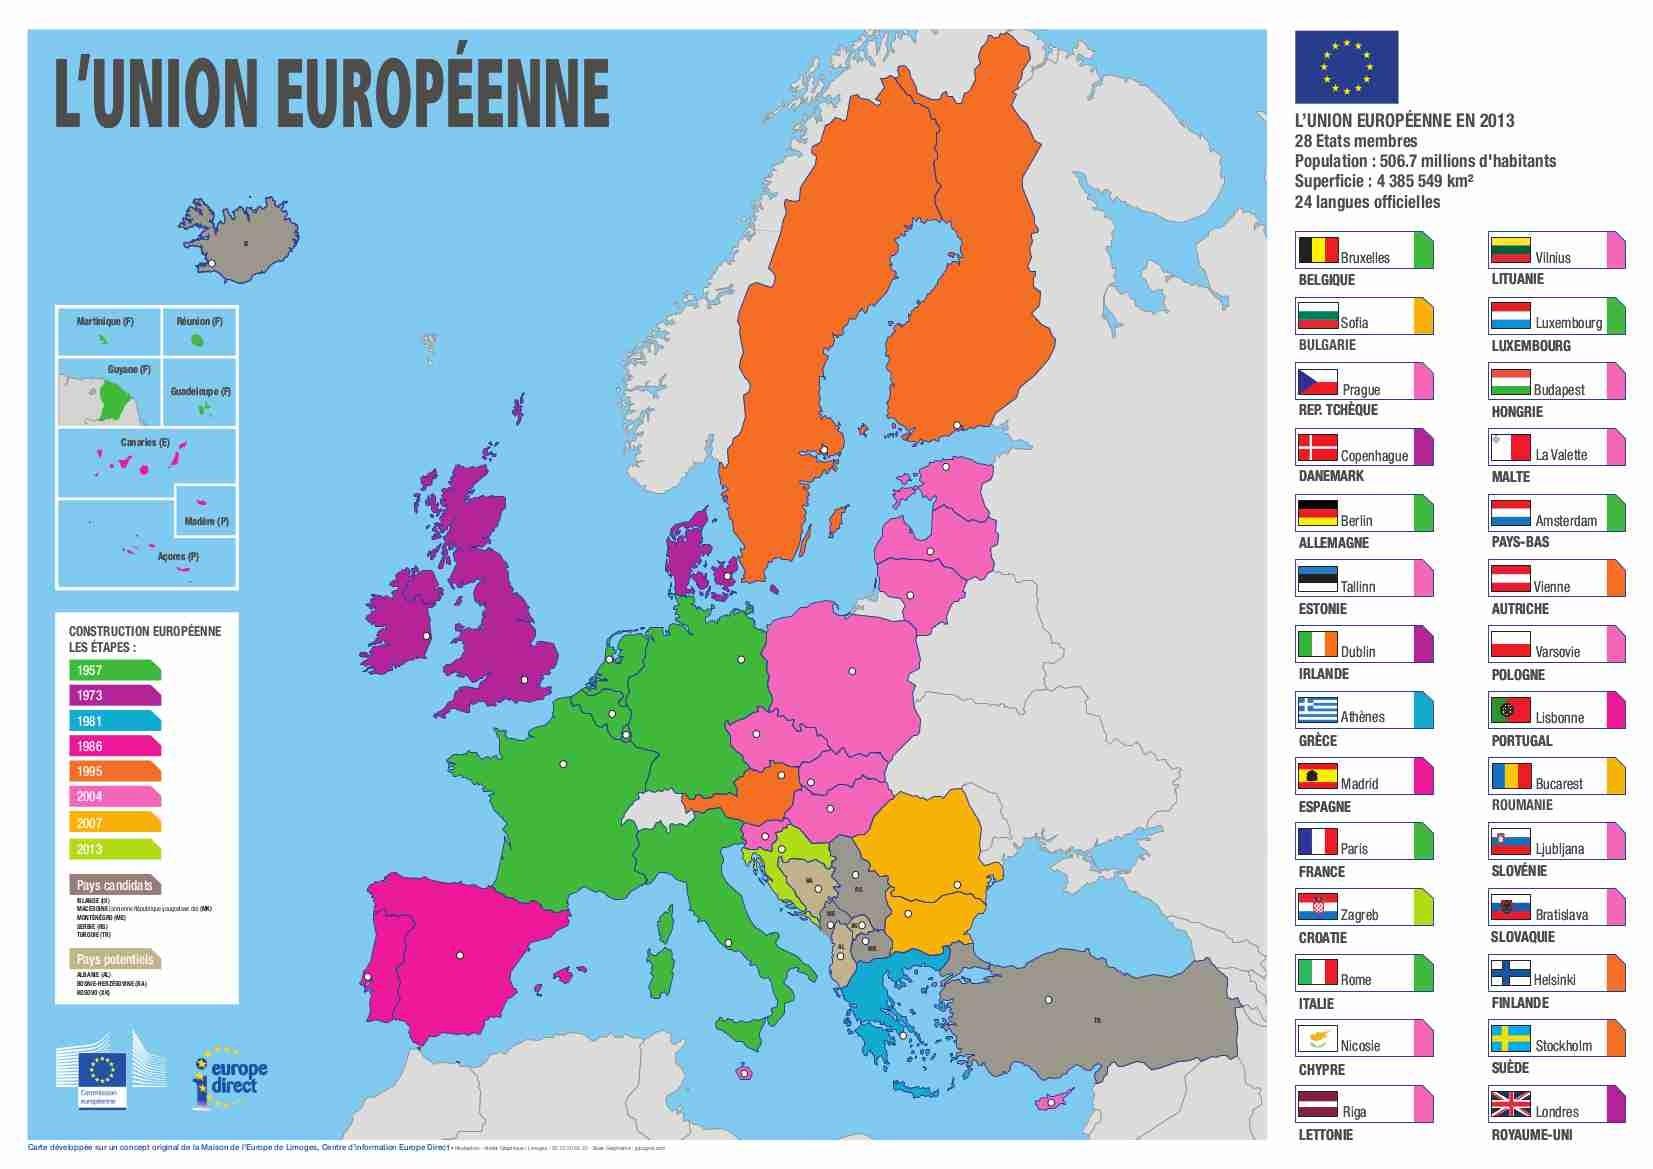 La Position Économique De L'union Européenne Dans Le Monde concernant Carte Pays Union Européenne